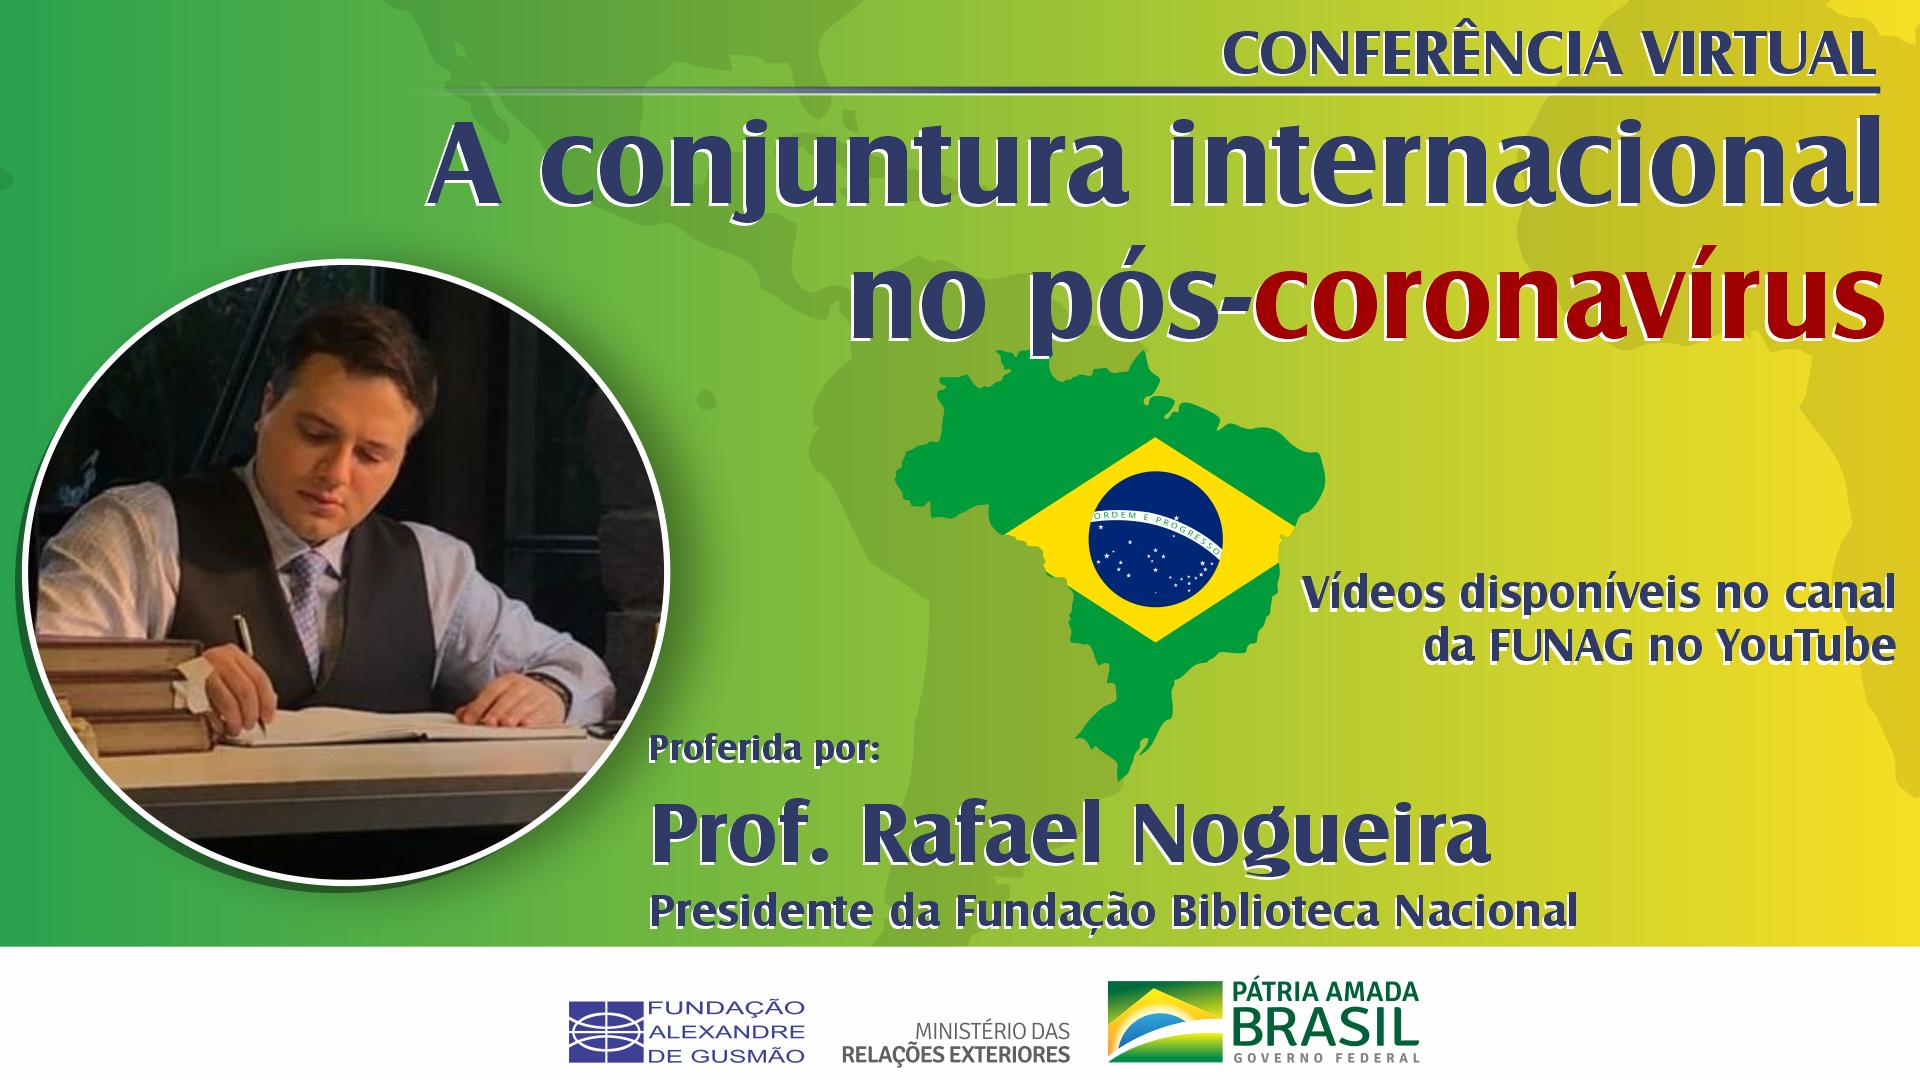 Assista à conferência com o Prof. Rafael Nogueira, presidente da Biblioteca Nacional